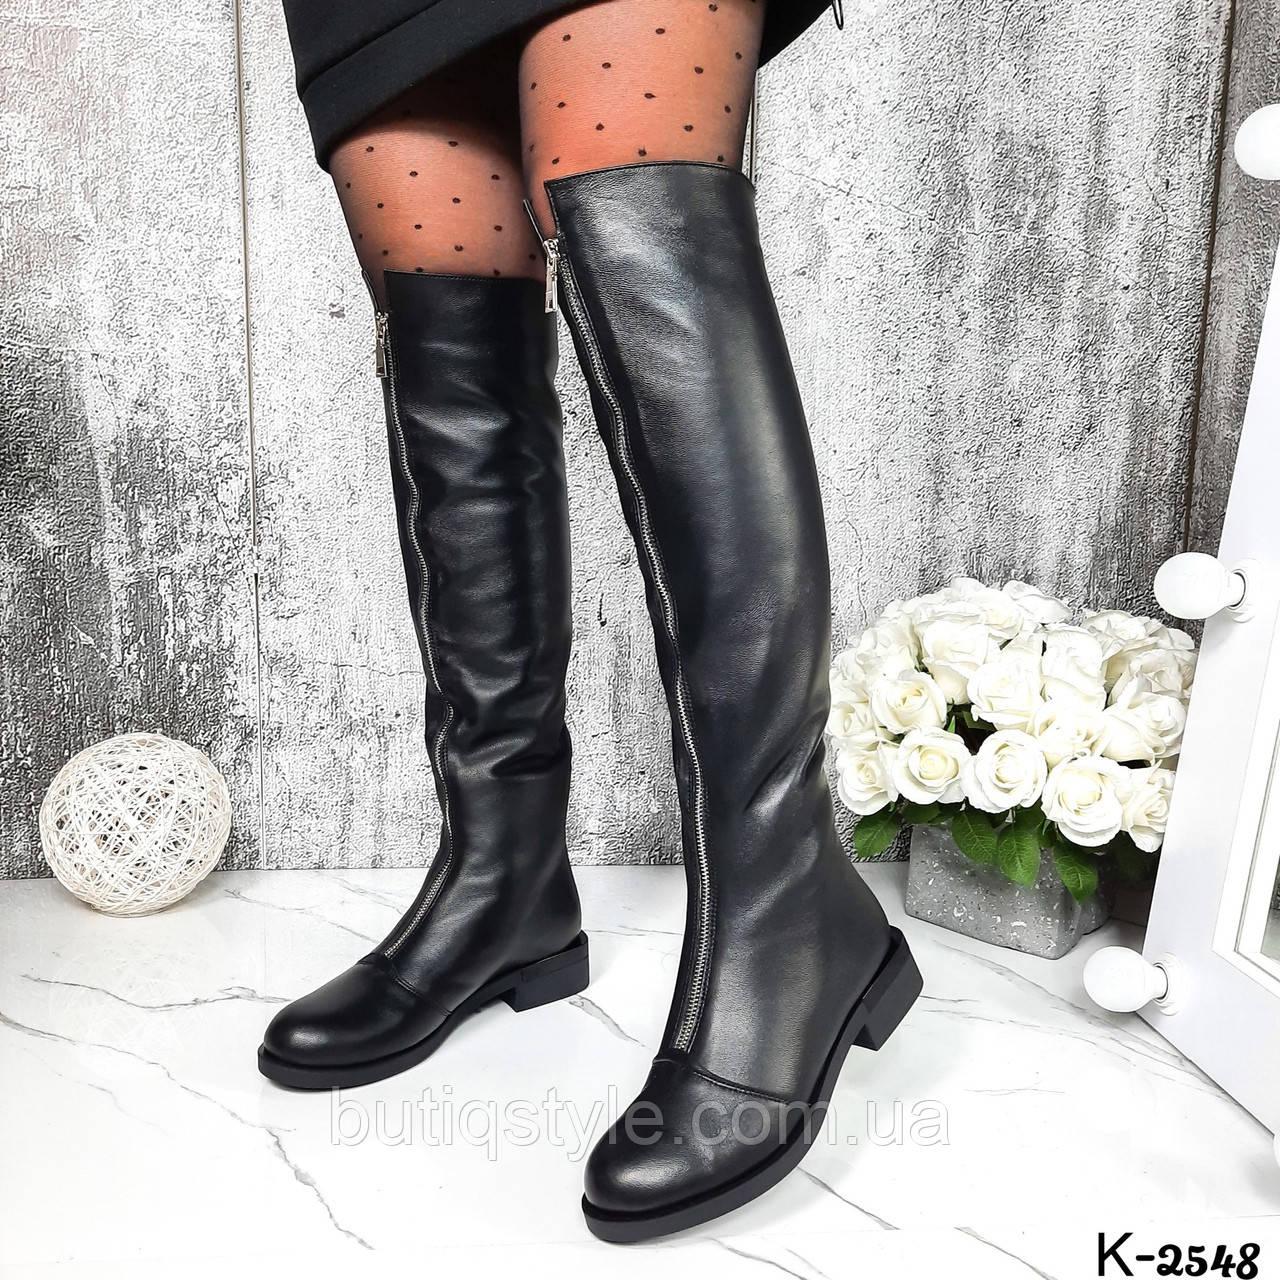 Женские черные ботфорты натуральная кожа на молнии  Еврозима